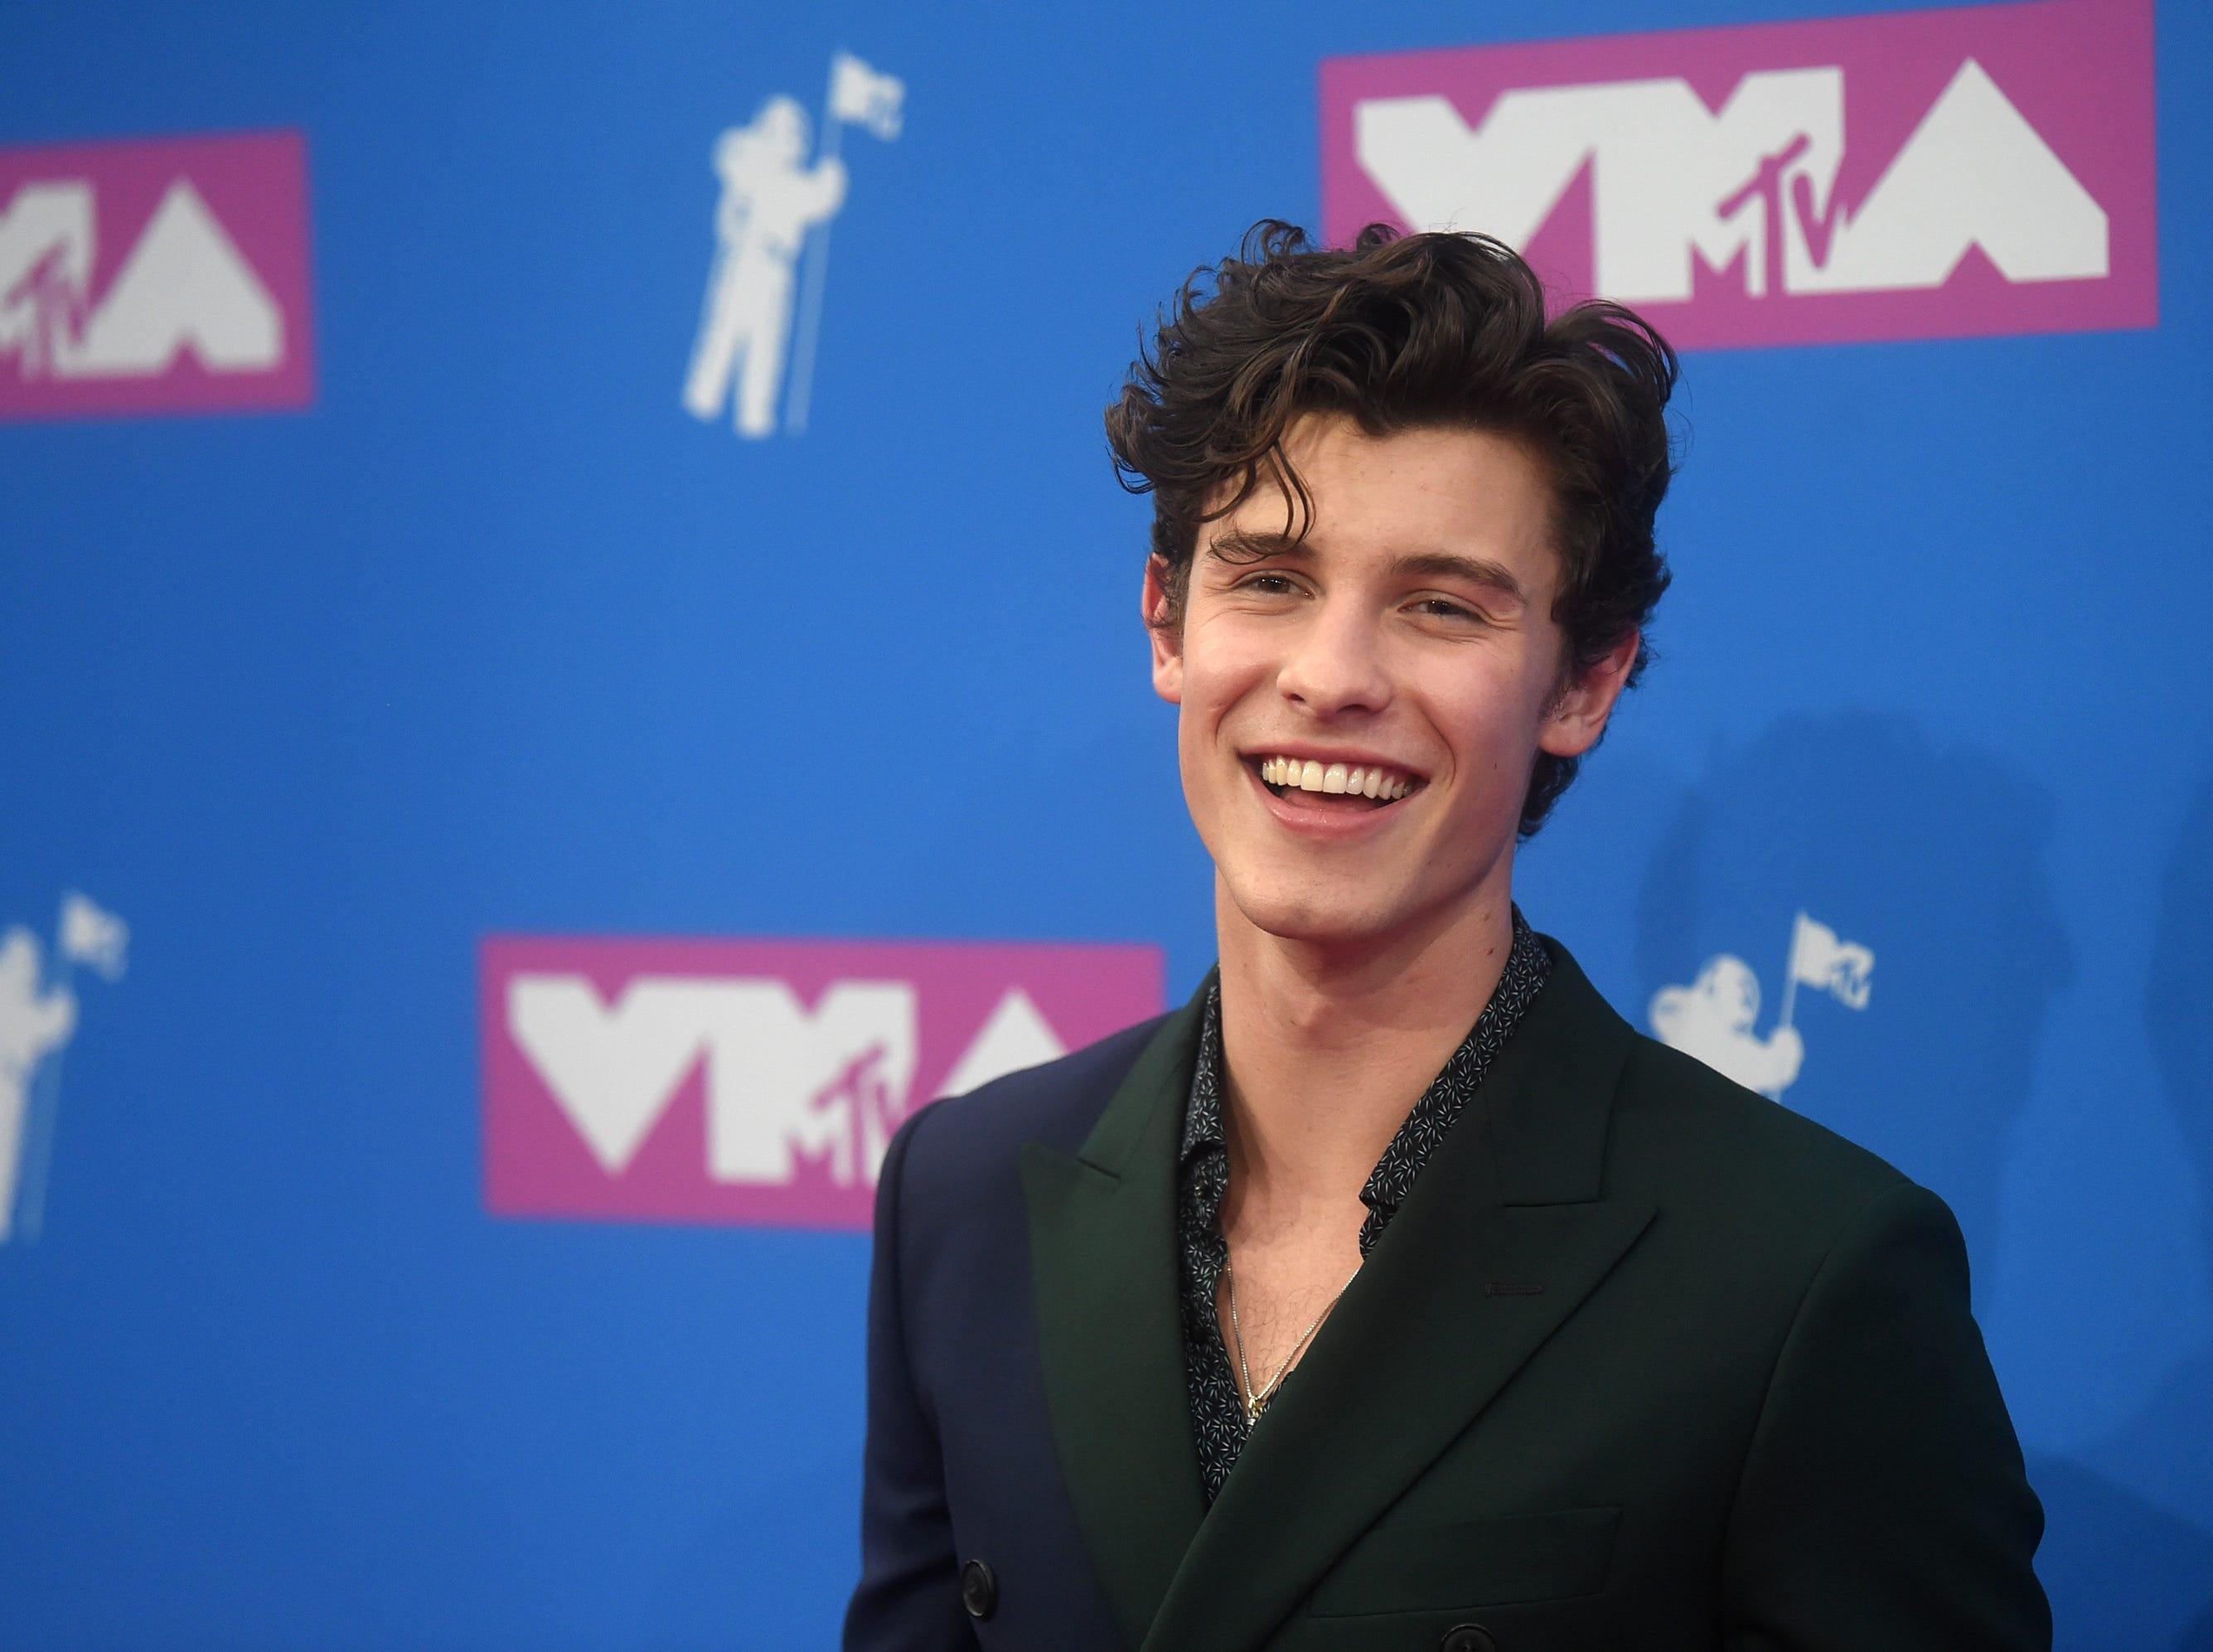 Shawn Mendes asiste a los MTV Video Music Awards 2018 en el Radio City Music Hall el 20 de agosto de 2018 en la ciudad de Nueva York.